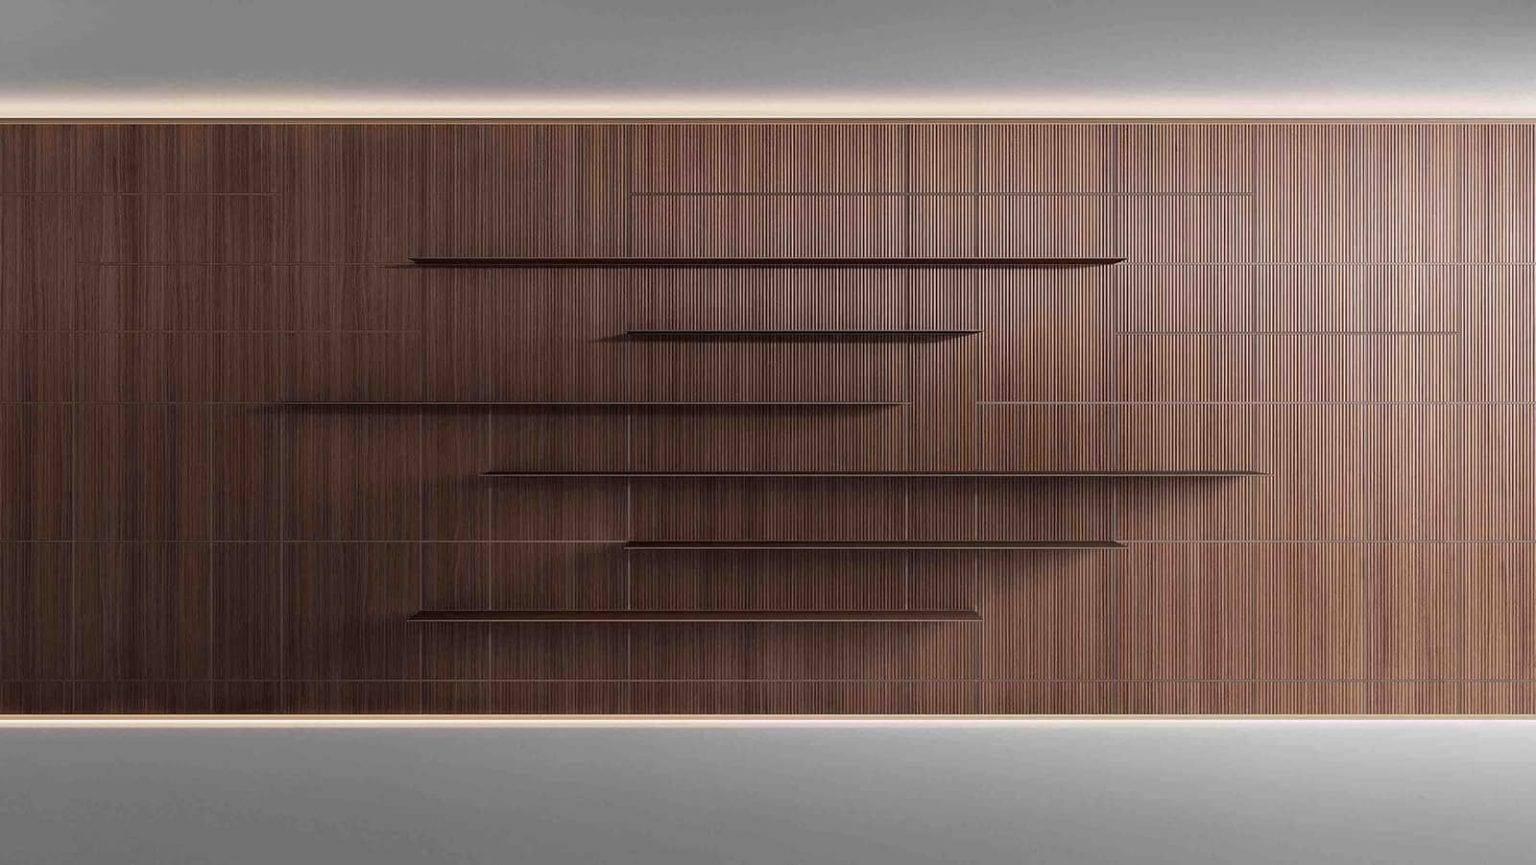 design interieurpanelen op maat met vierkante en rechthoekige vlakken